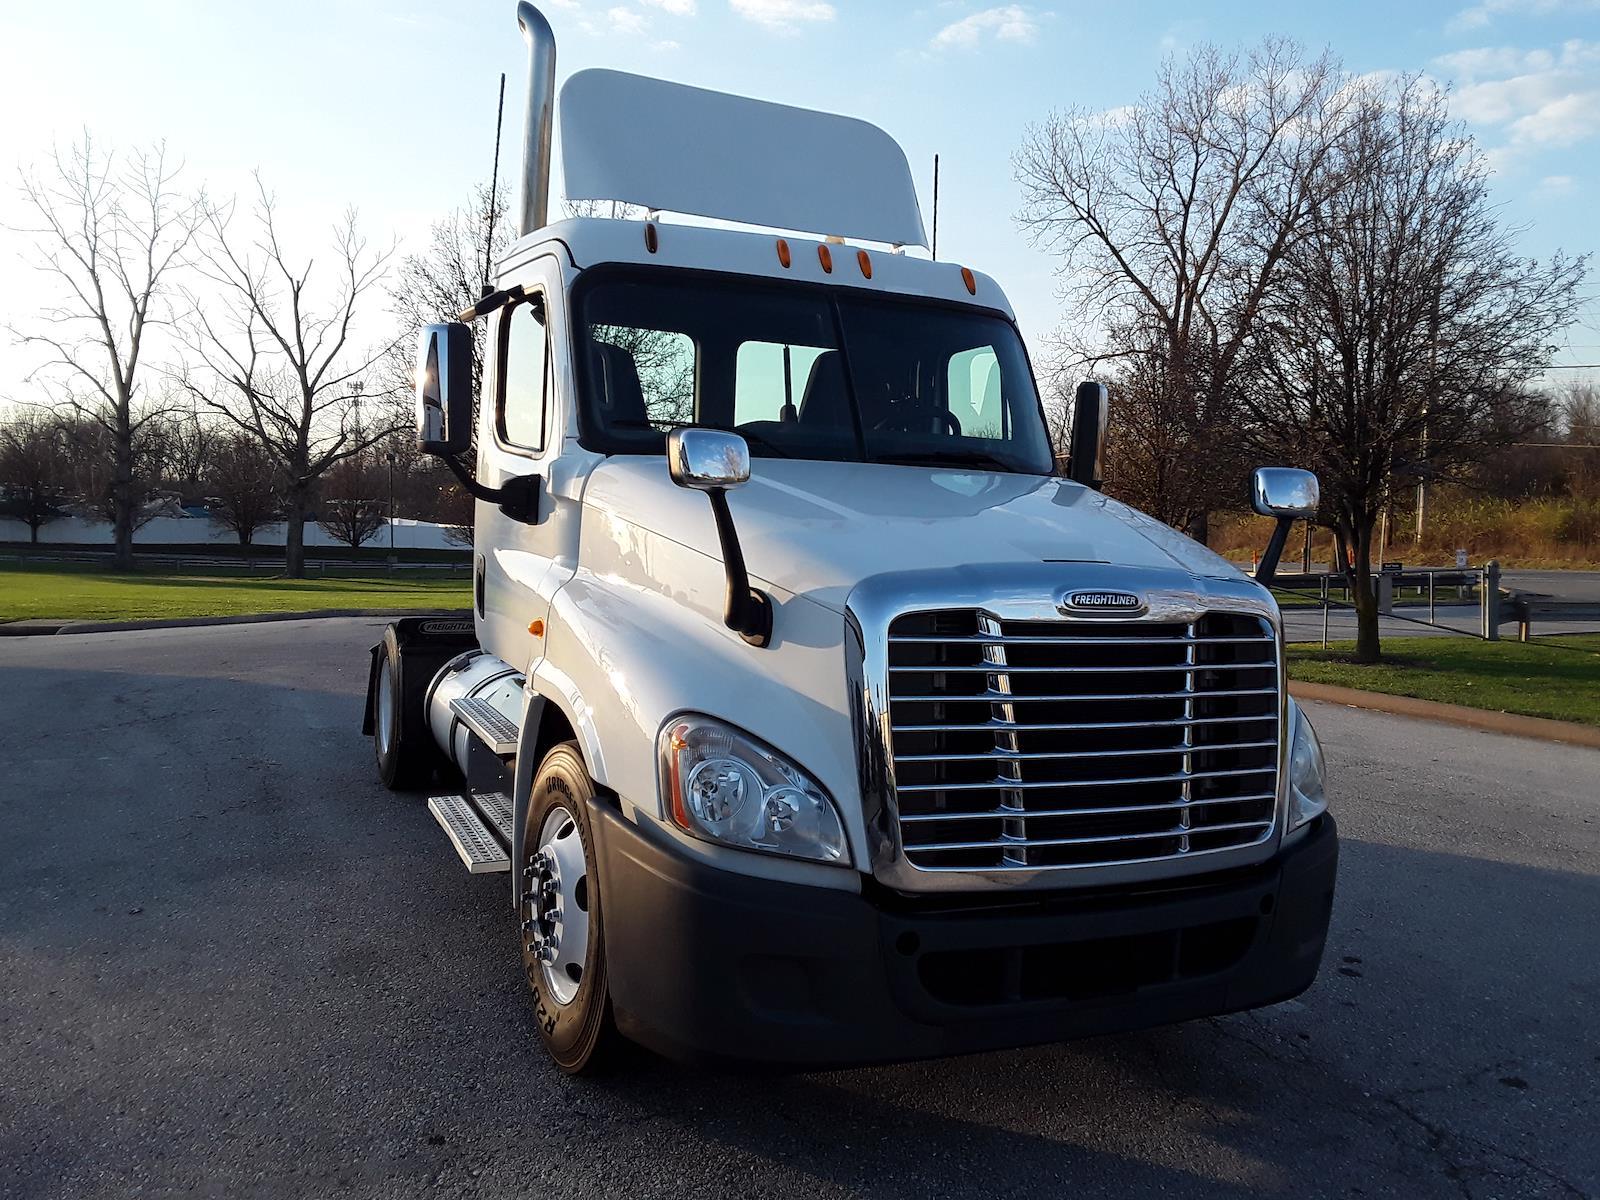 2014 Freightliner Truck 4x2, Tractor #495764 - photo 1